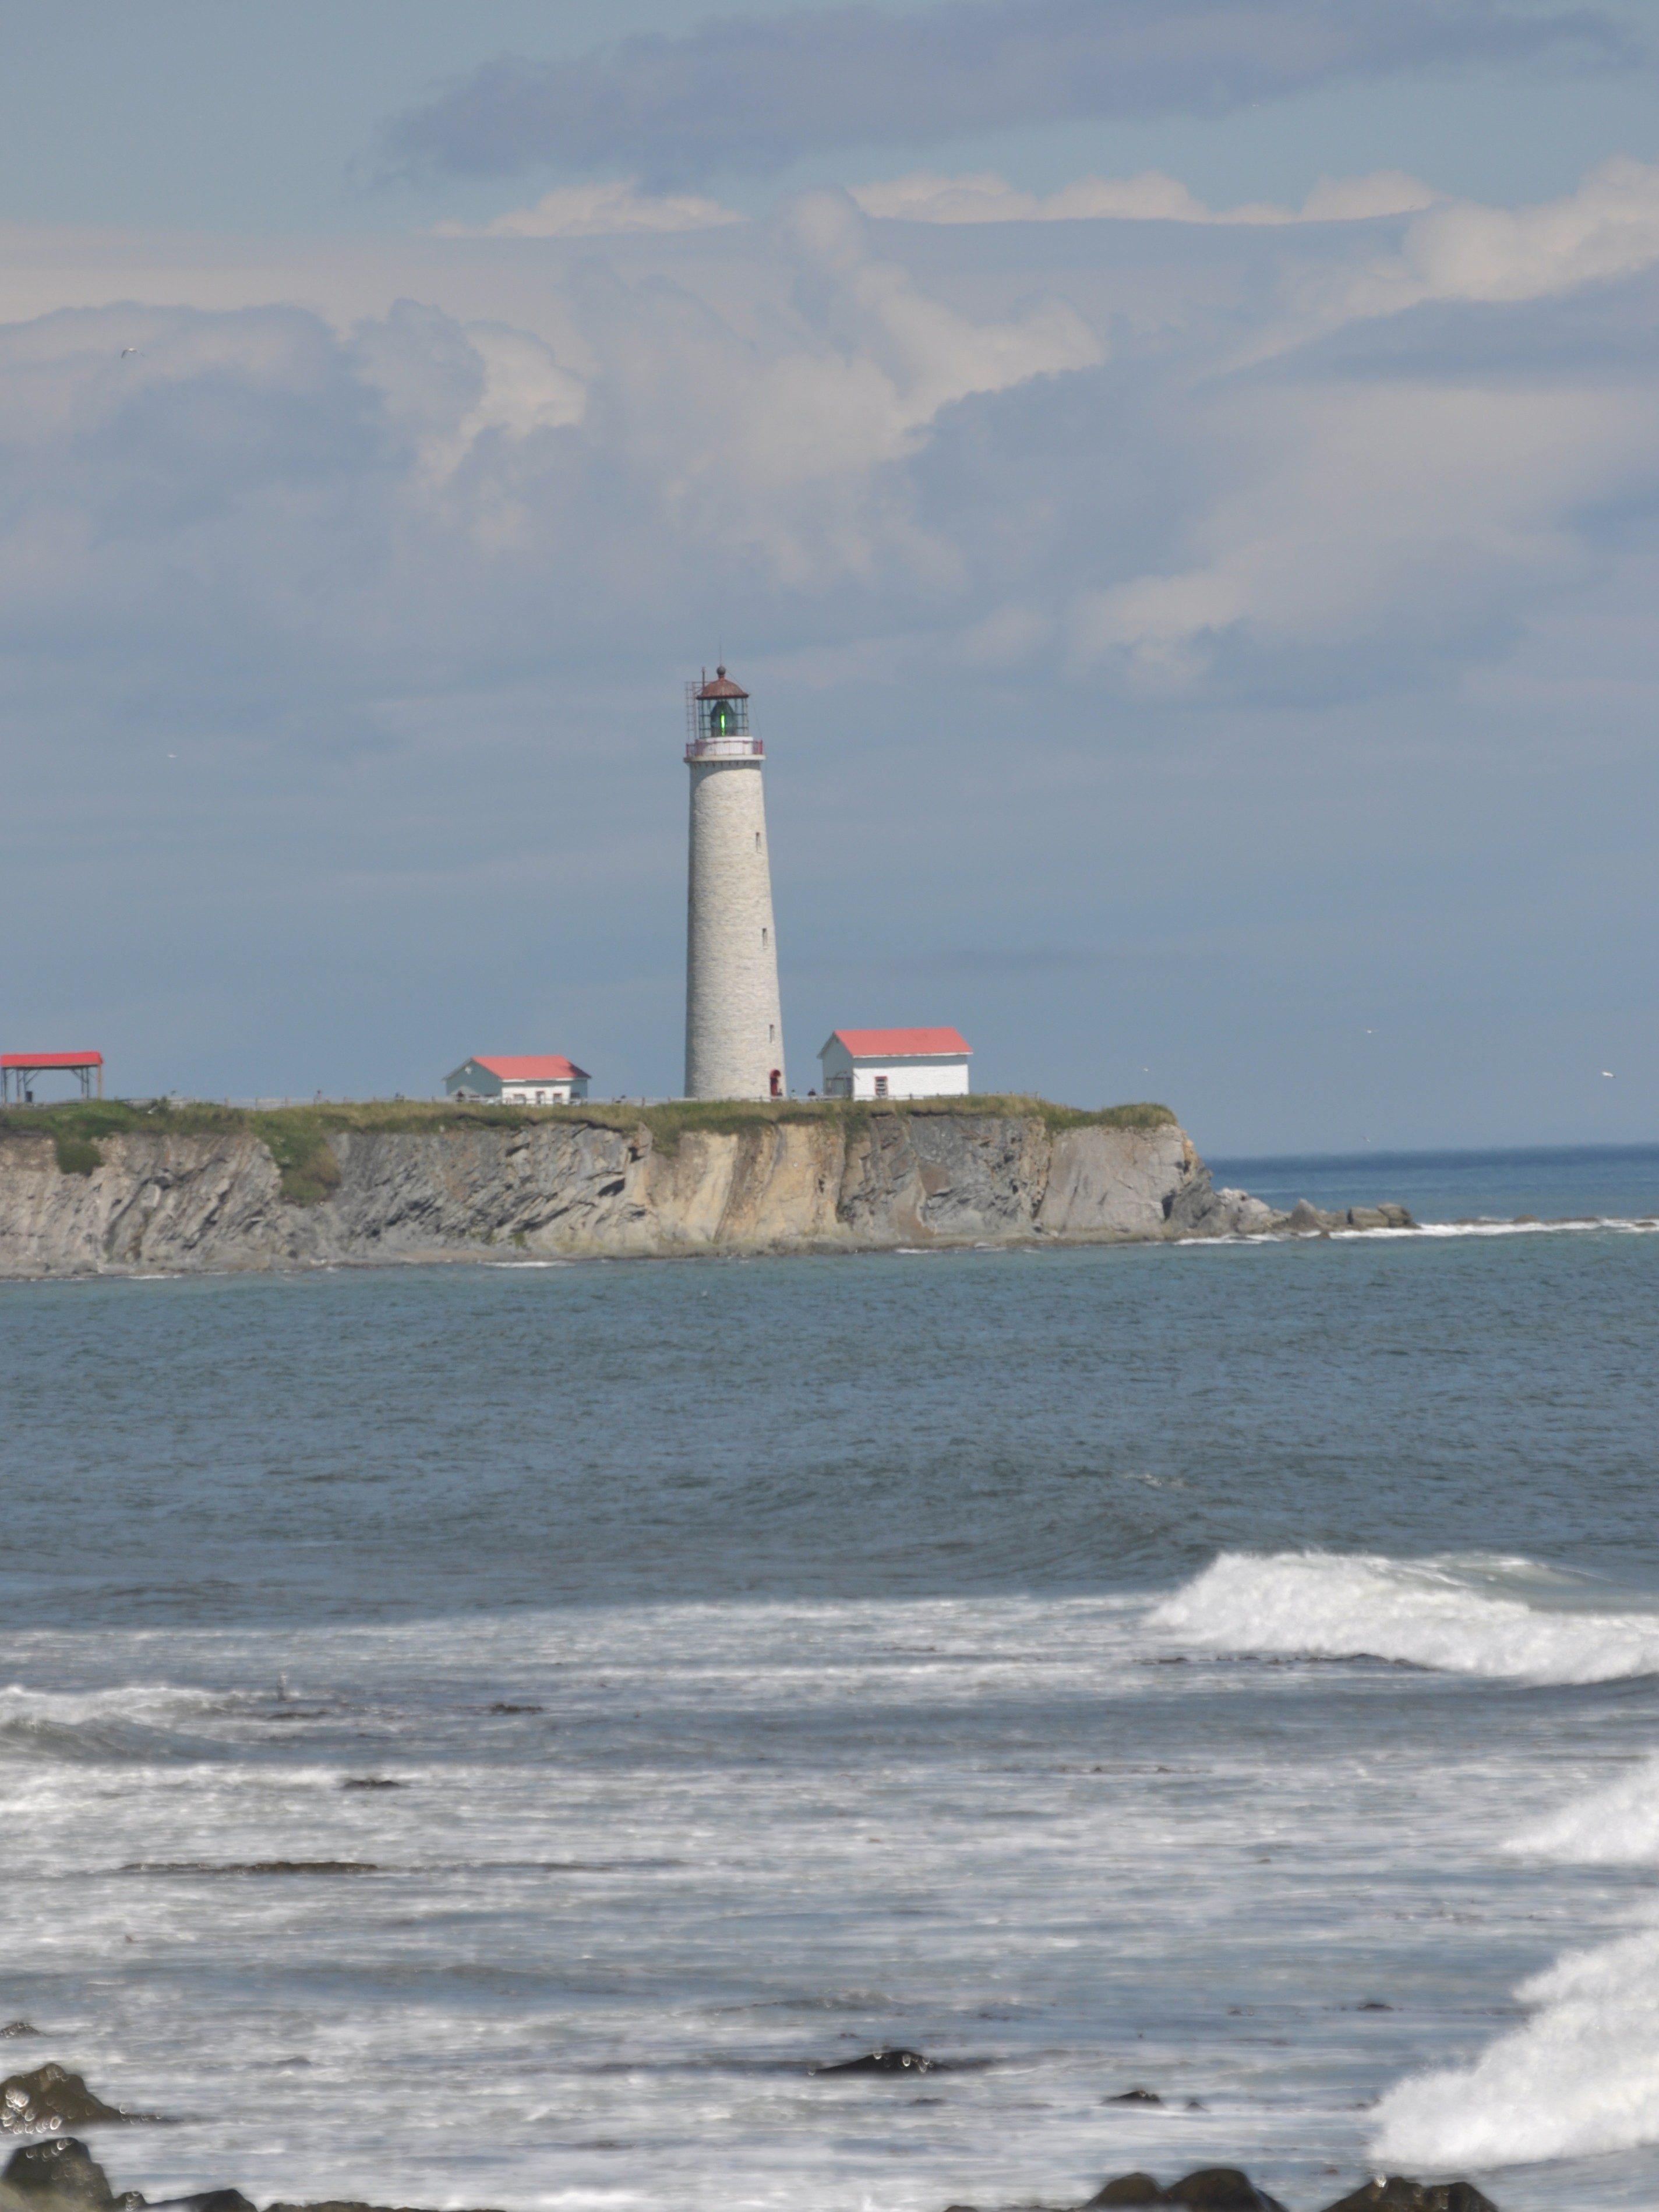 3. Cap-des-Rosiers Lighthouse